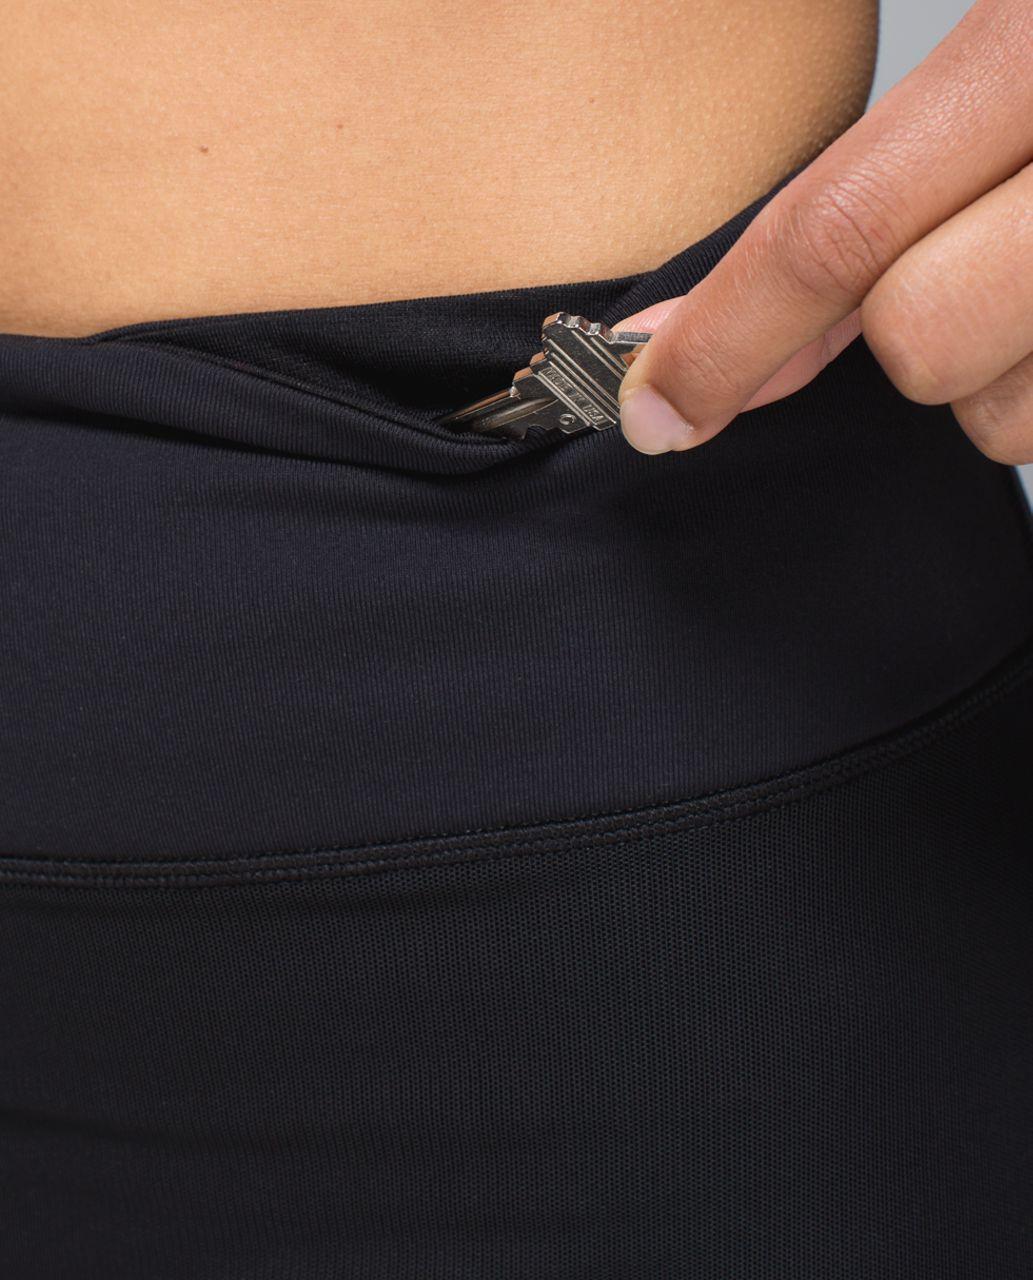 Lululemon Meesh Skirt - Black